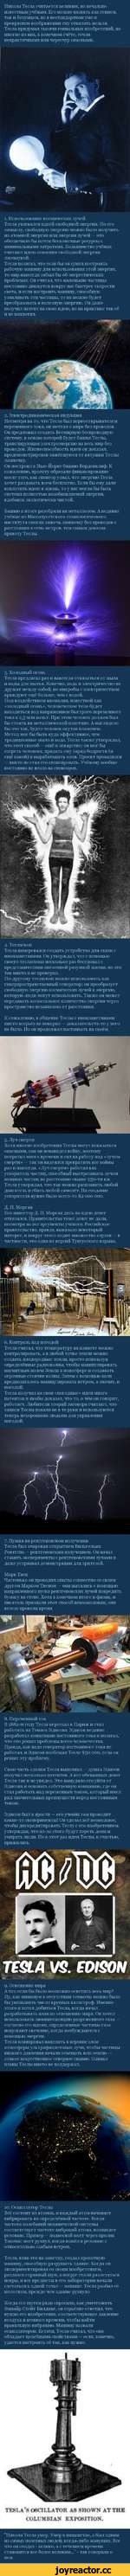 Никола Тесла считается великим, но печально известным учёным. Его можно назвать как гением, так и безумцем, но в нестандартном уме и прекрасном воображении ему отказать нельзя. Тесла придумал тысячи гениальных изобретений, но многие из них, в конечном счёте, сочли непрактичными или чересчур опасны